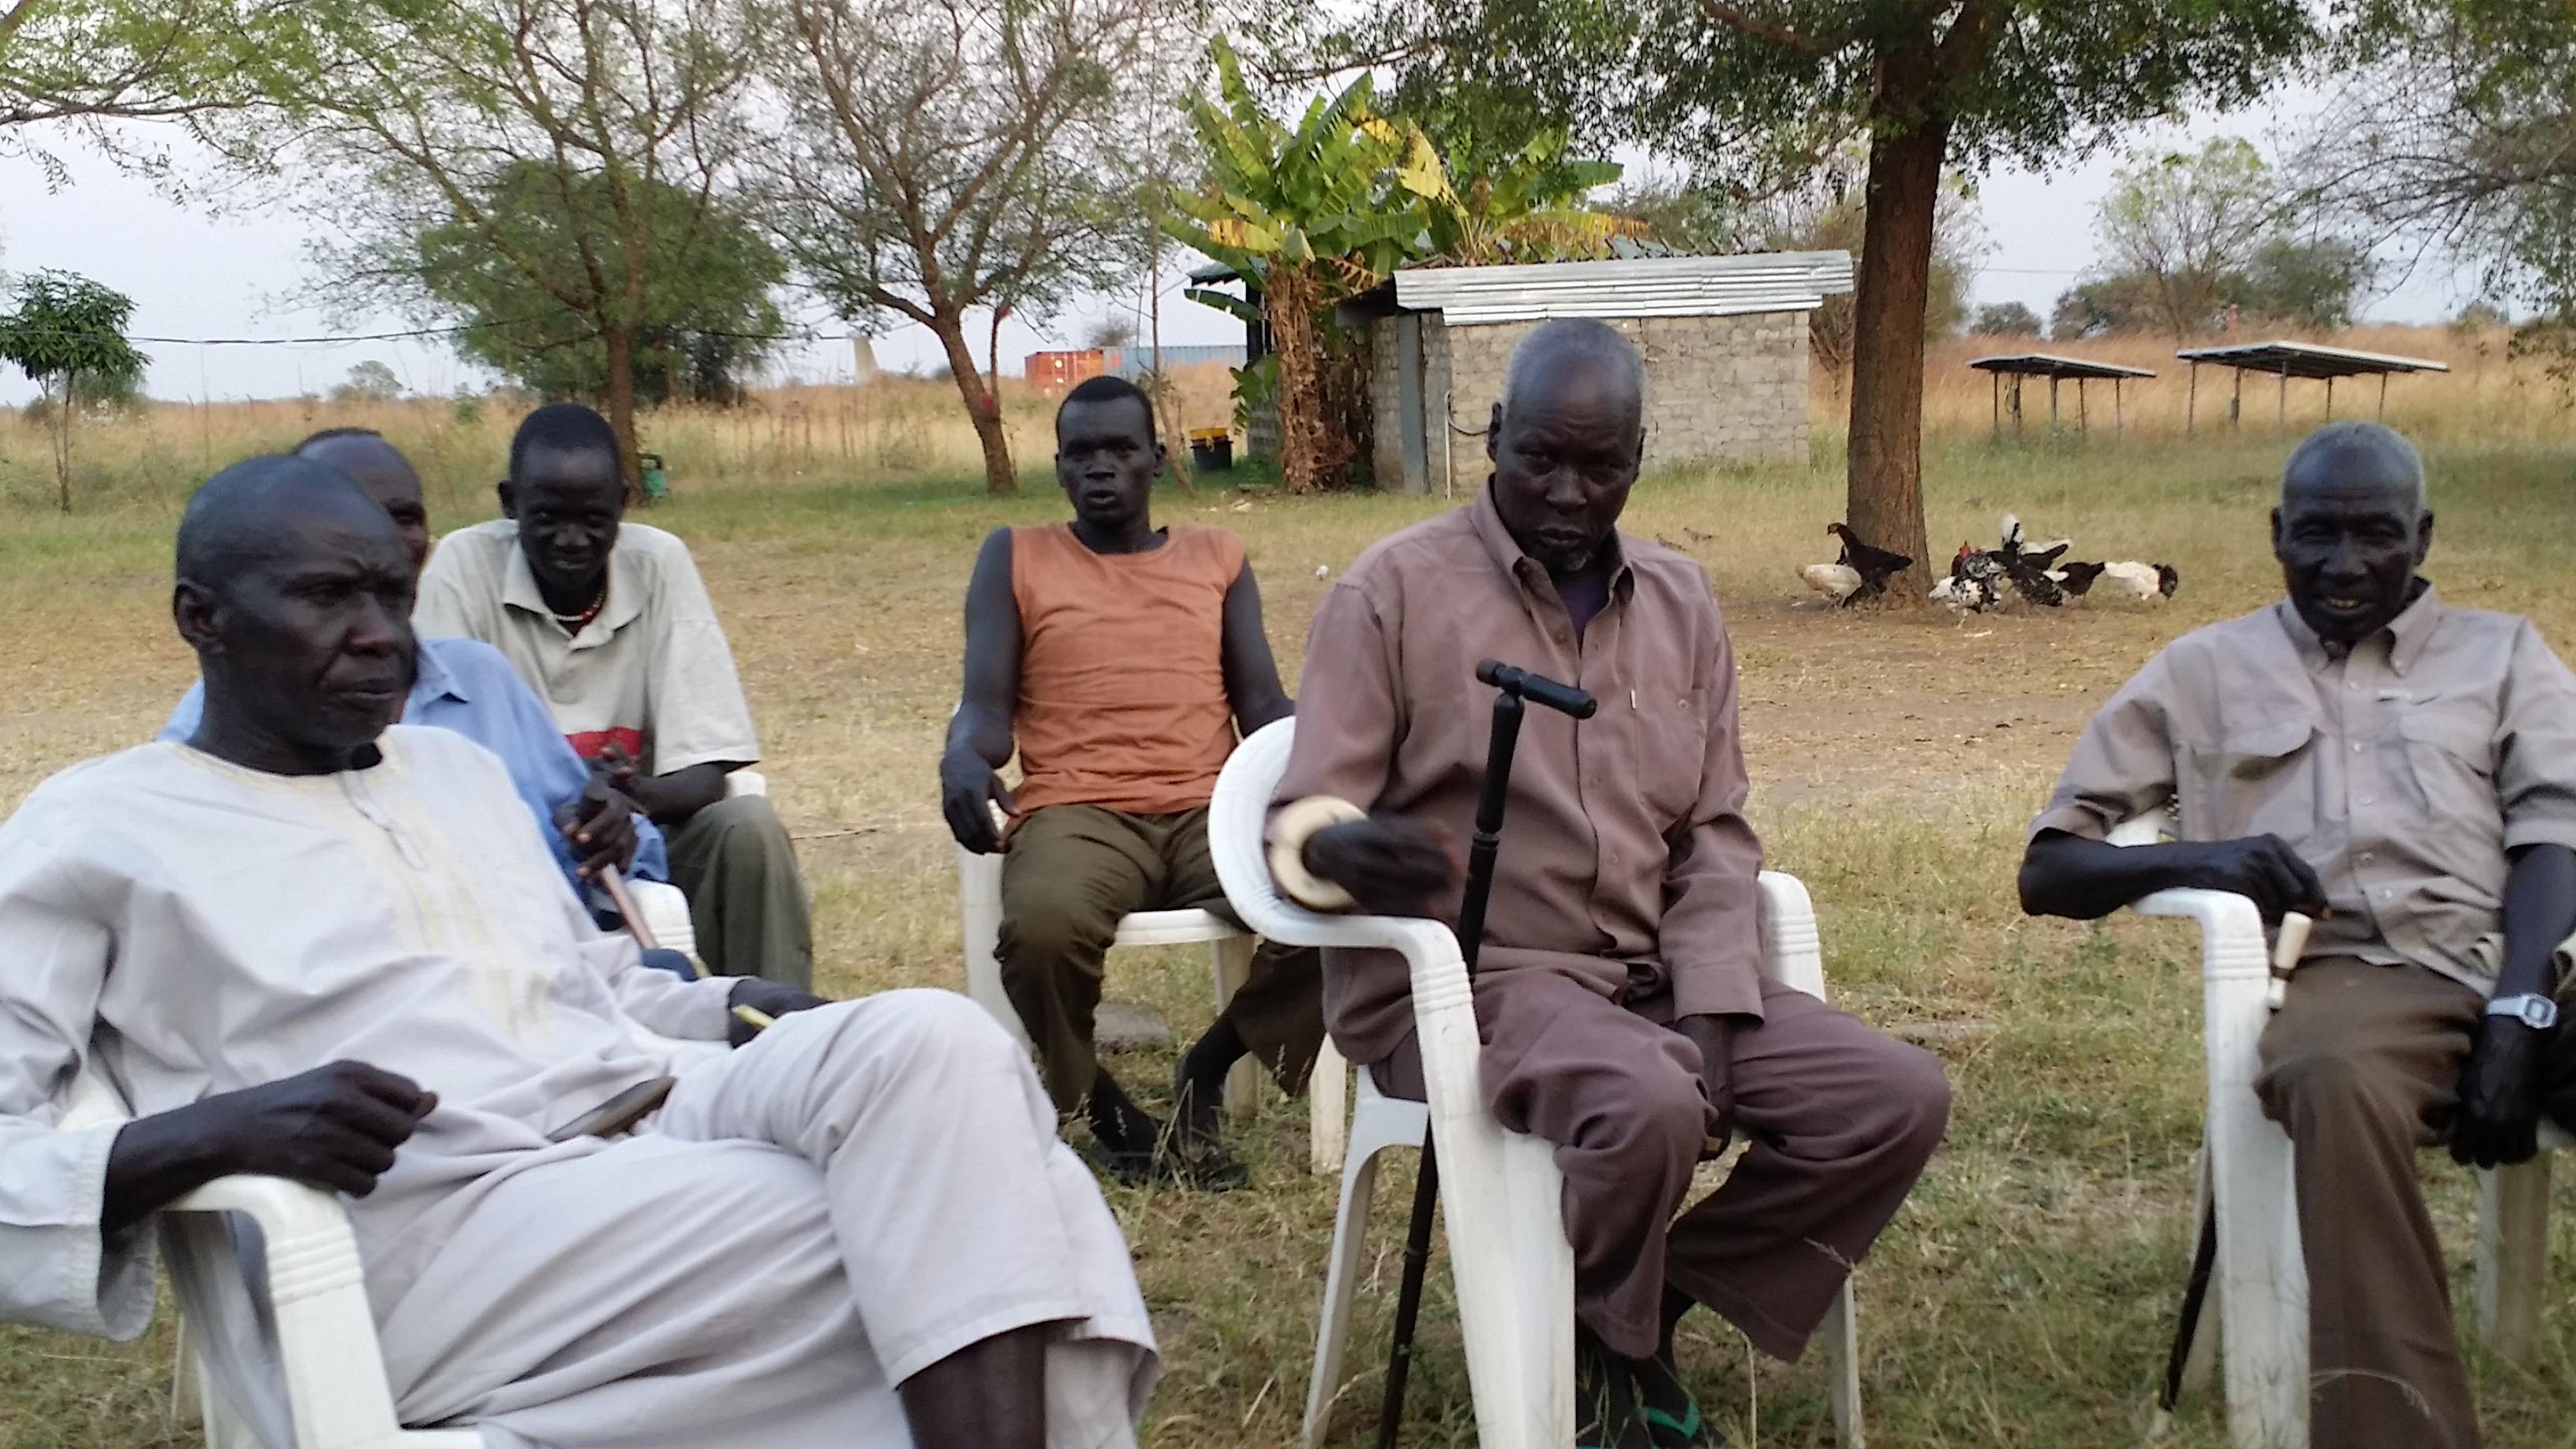 Spiritual bondage in East Africa